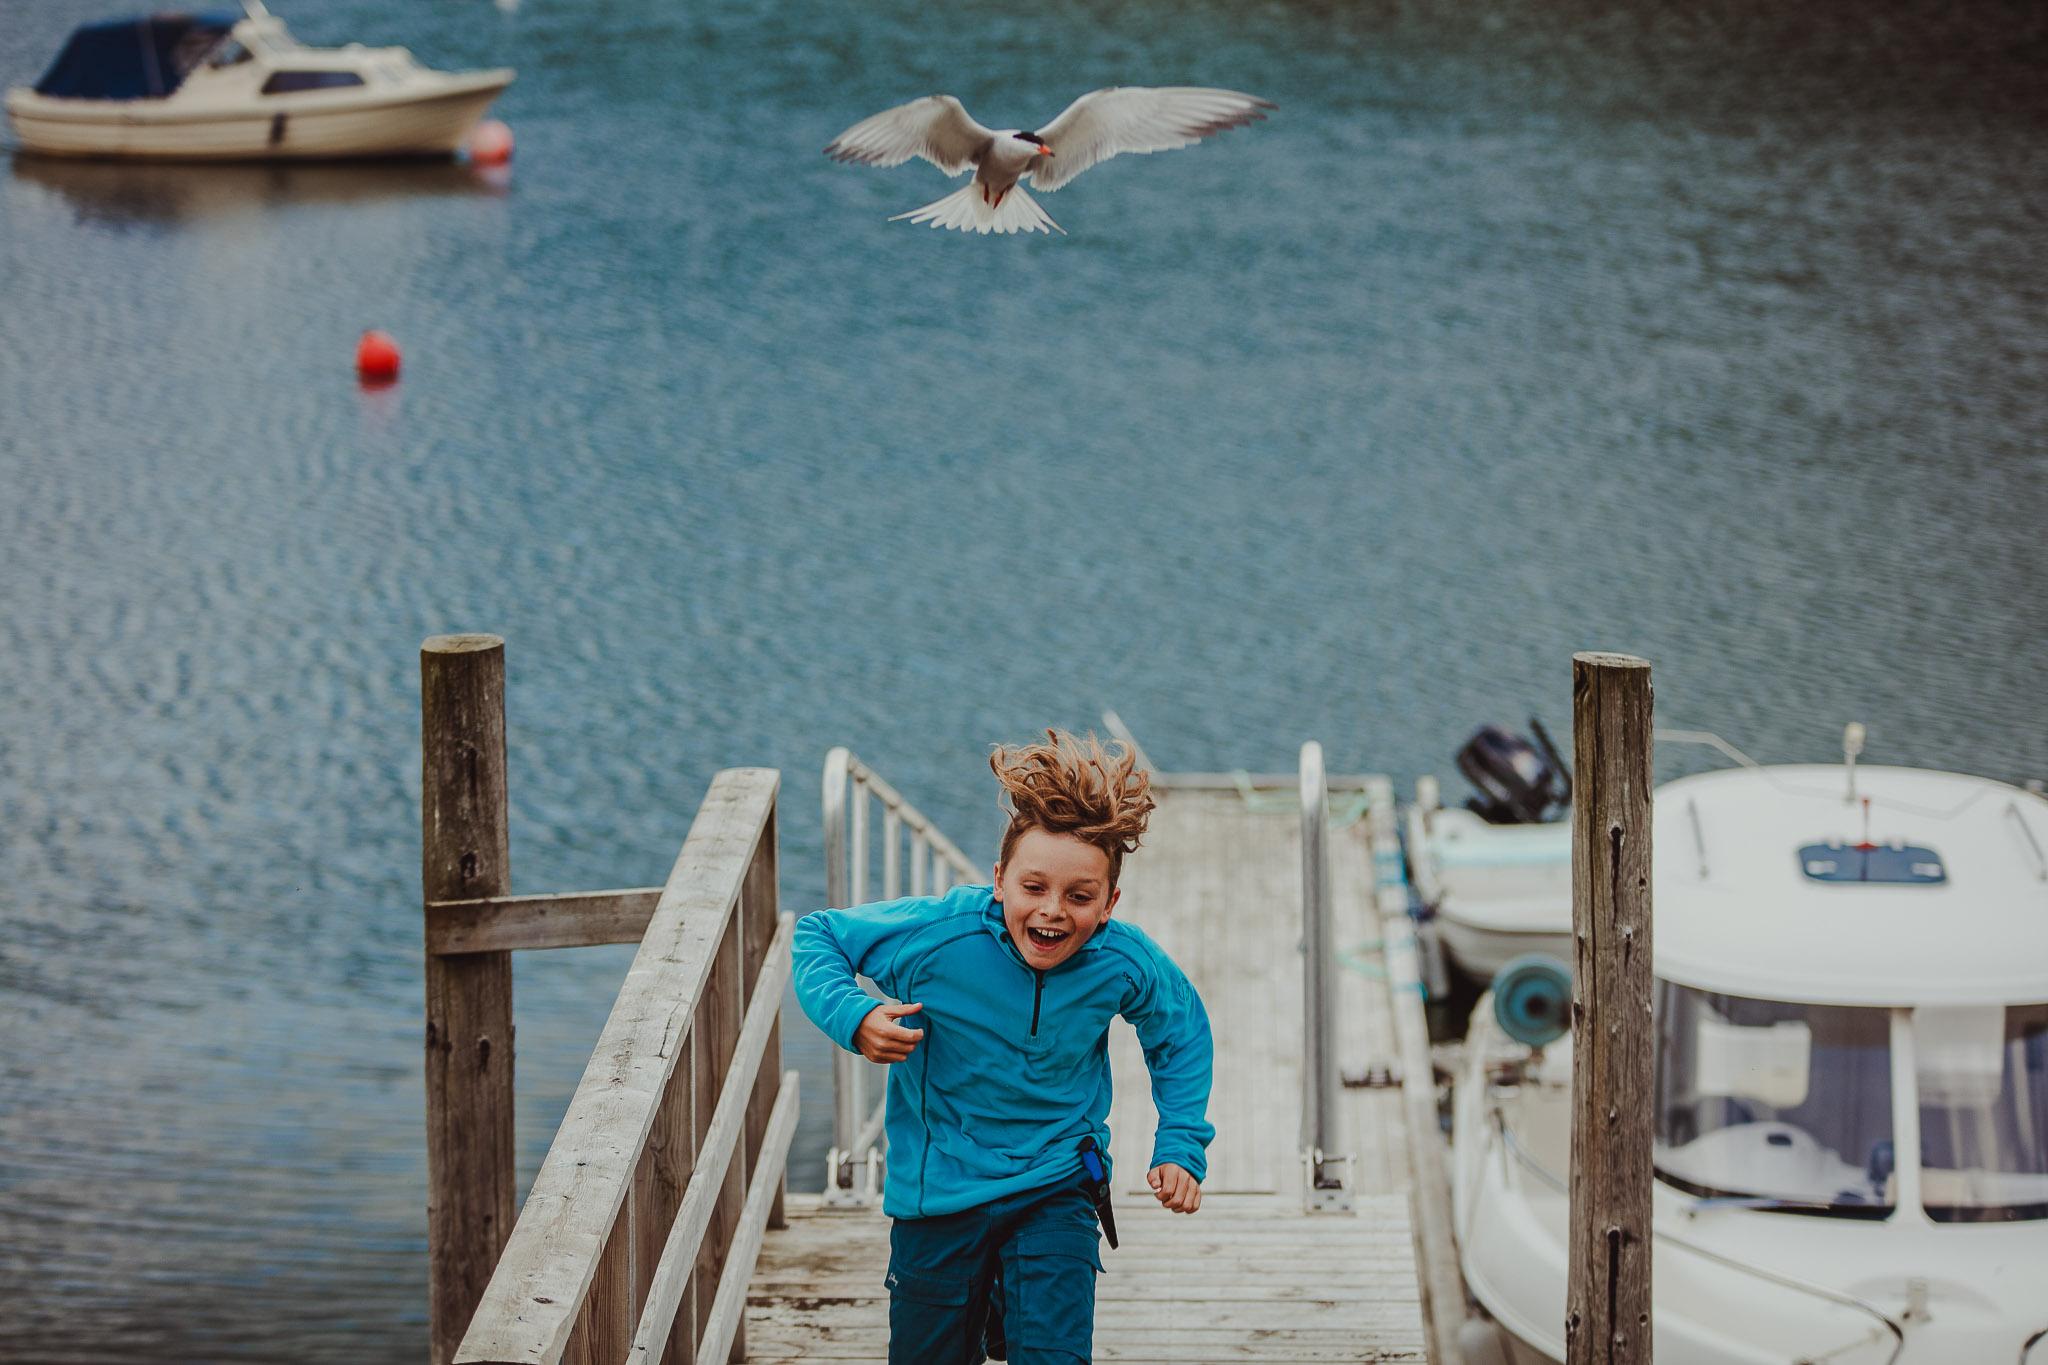 Gutt løper opp fra ei brygge ved havet mens han blir jaget av en fugl